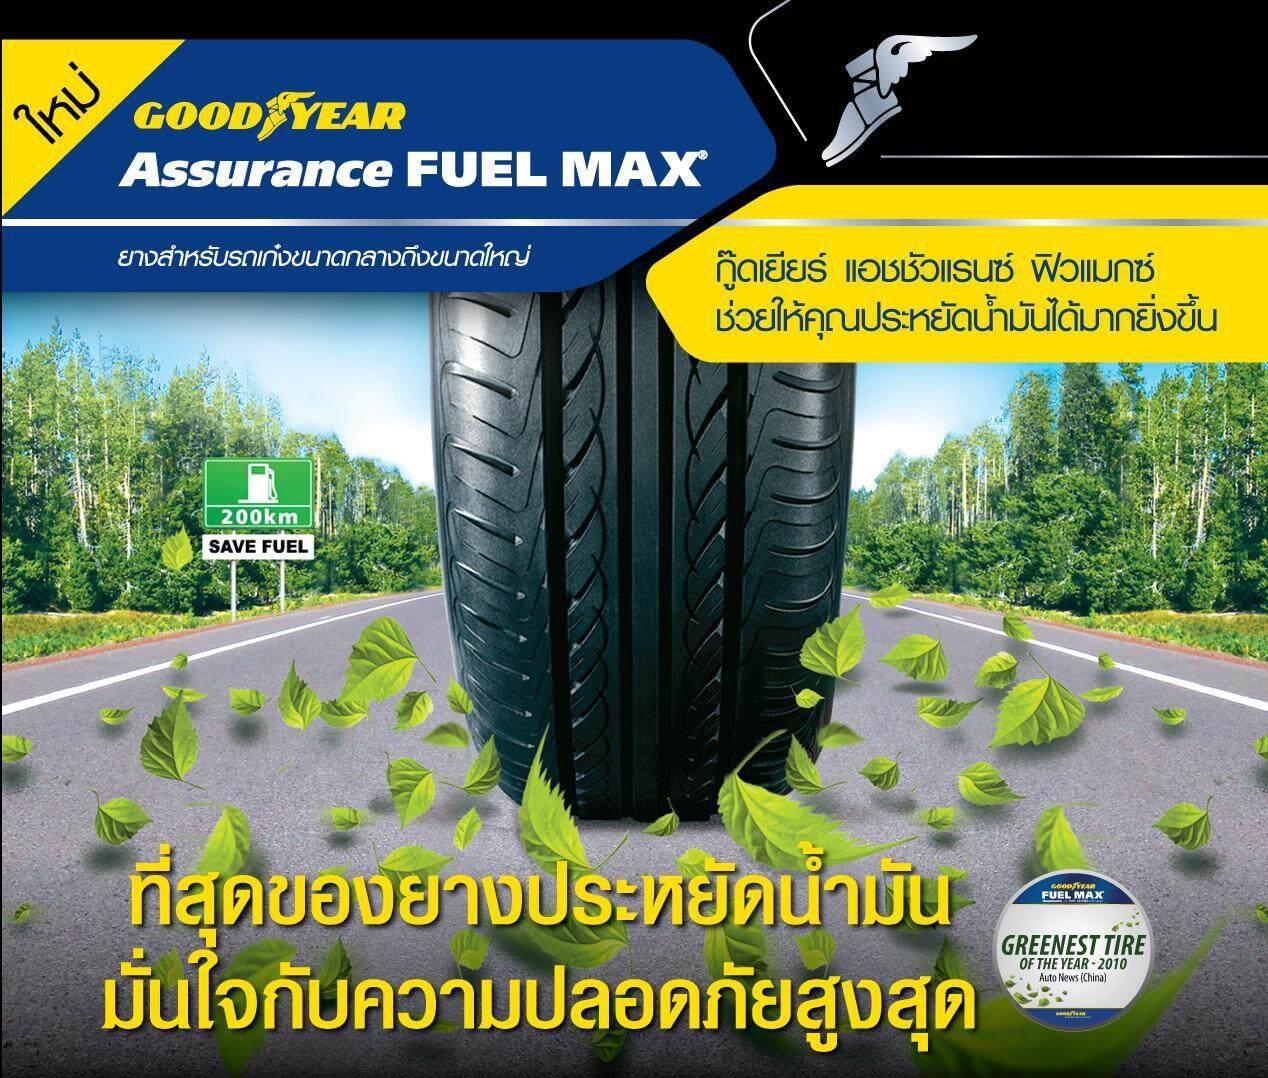 ประกันภัย รถยนต์ ชั้น 3 ราคา ถูก ปทุมธานี GOODYEAR ยางรถยนต์ 205/60R16 (ล้อขอบ16) รุ่น FUEL MAX 4 เส้น (ใหม่กริ๊ปปี2019)